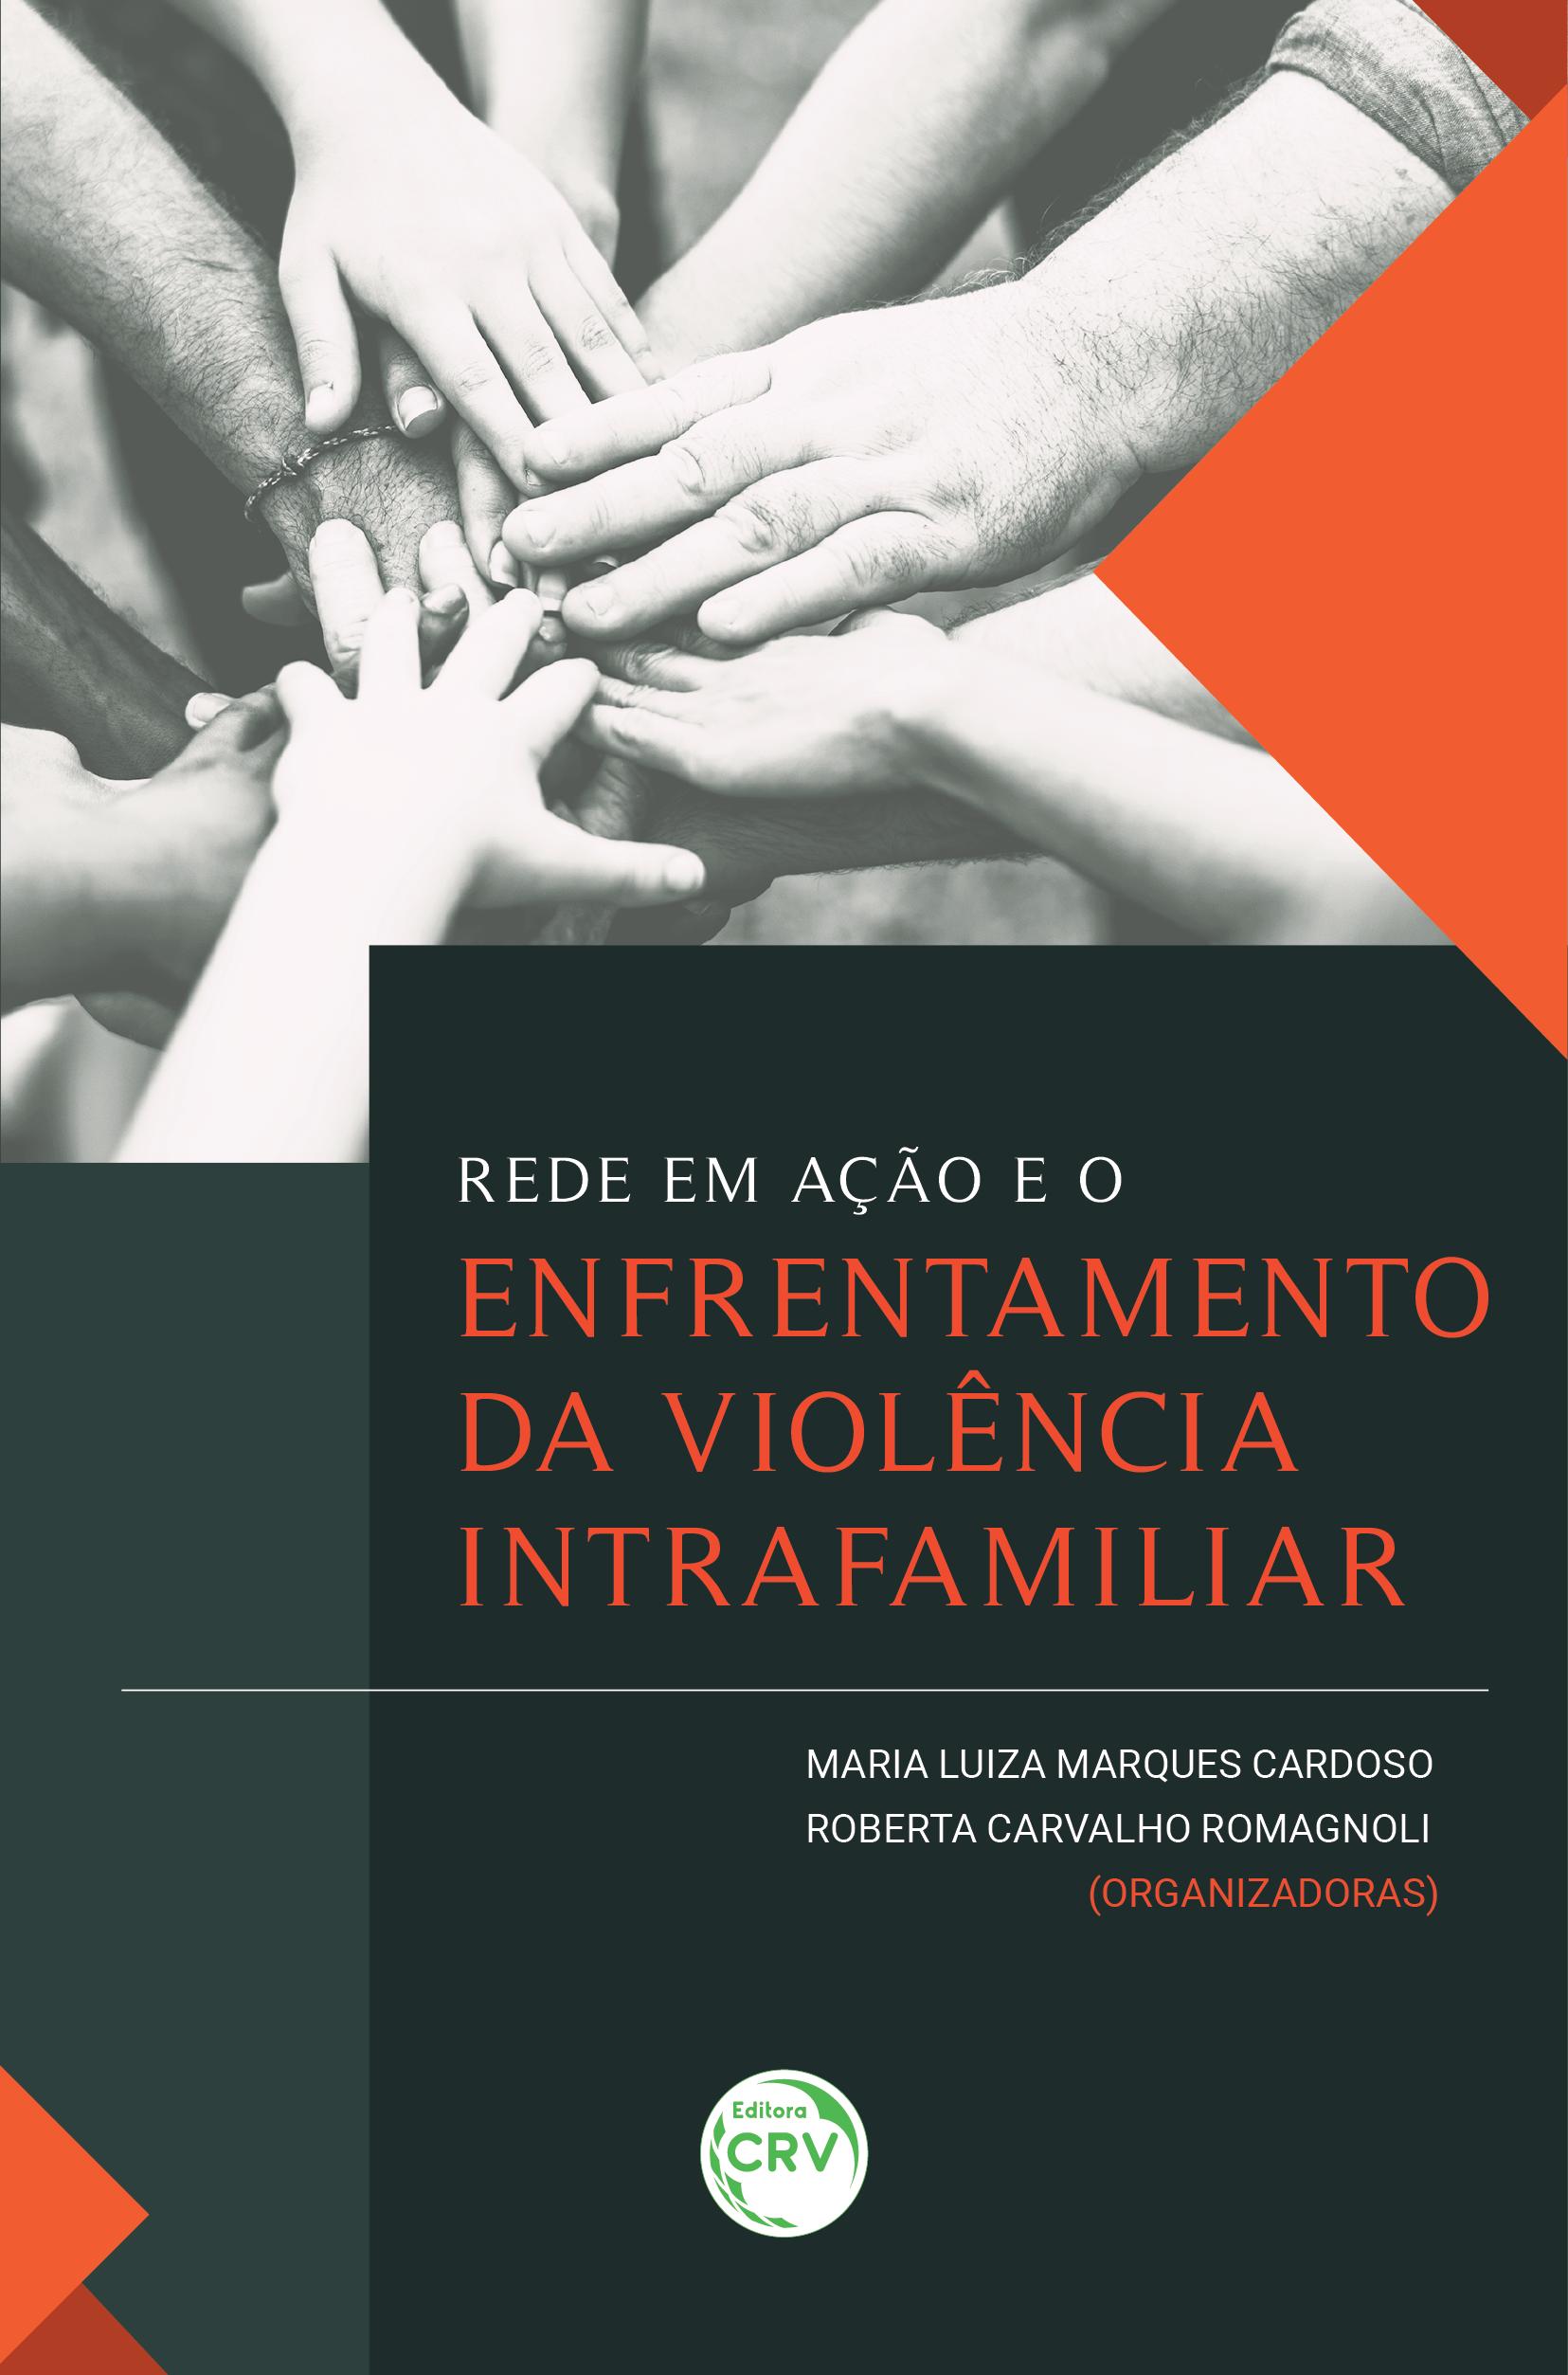 Capa do livro: REDE EM AÇÃO E O ENFRENTAMENTO DA VIOLÊNCIA INTRAFAMILIAR